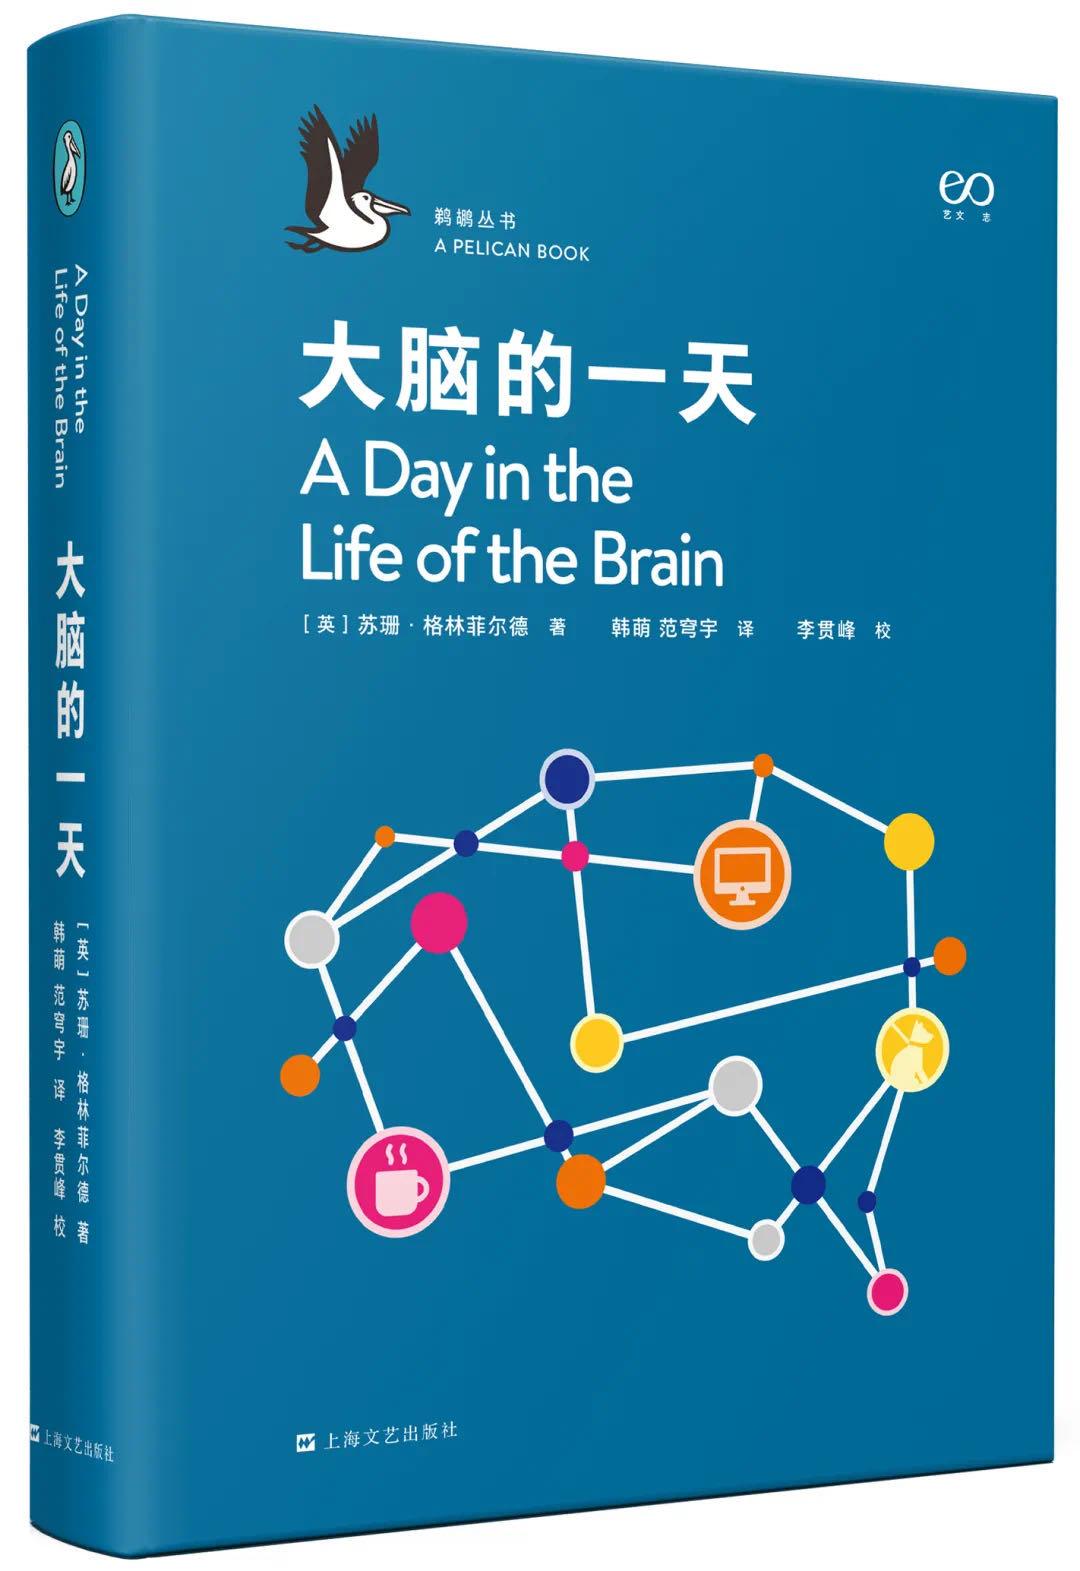 大脑的一天.jpg